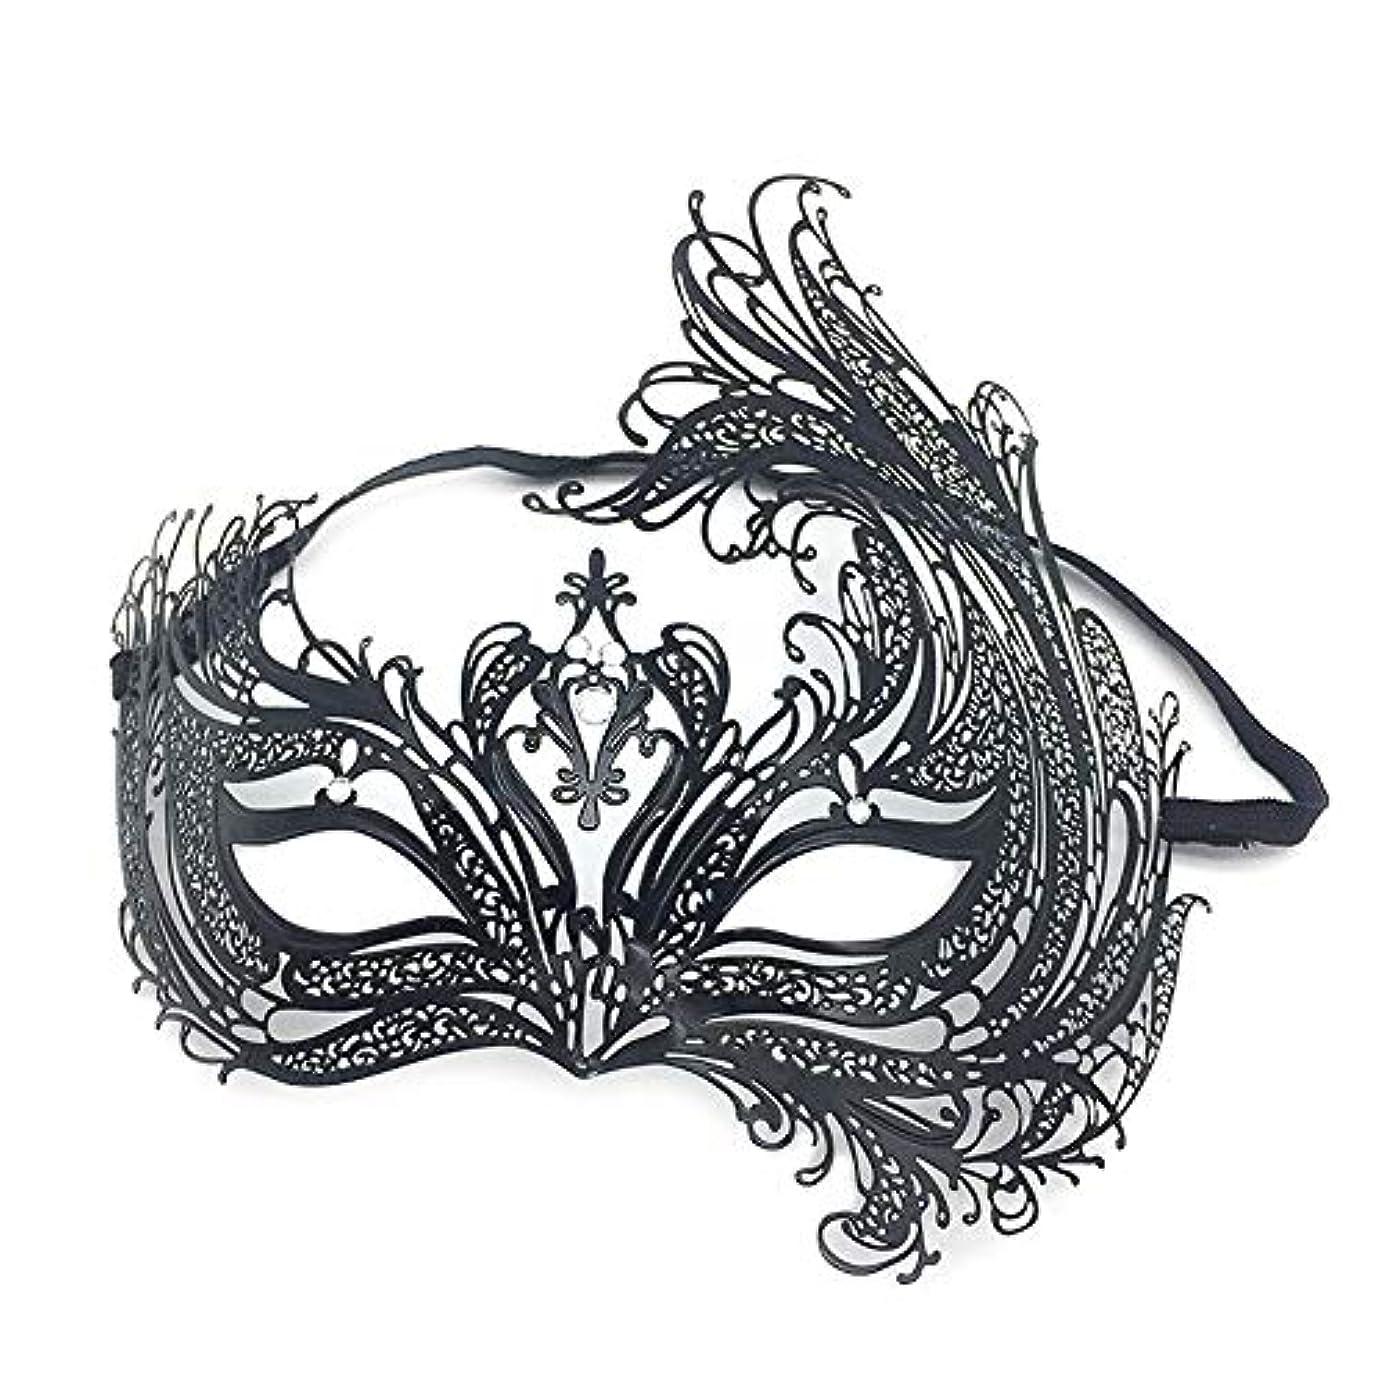 地殻悲観的空のダンスマスク 仮面舞踏会パーティーブラックセクシーハーフフェイスフェニックスハロウィーンロールプレイングメタルマスクガール ホリデーパーティー用品 (色 : ブラック, サイズ : 20x19cm)